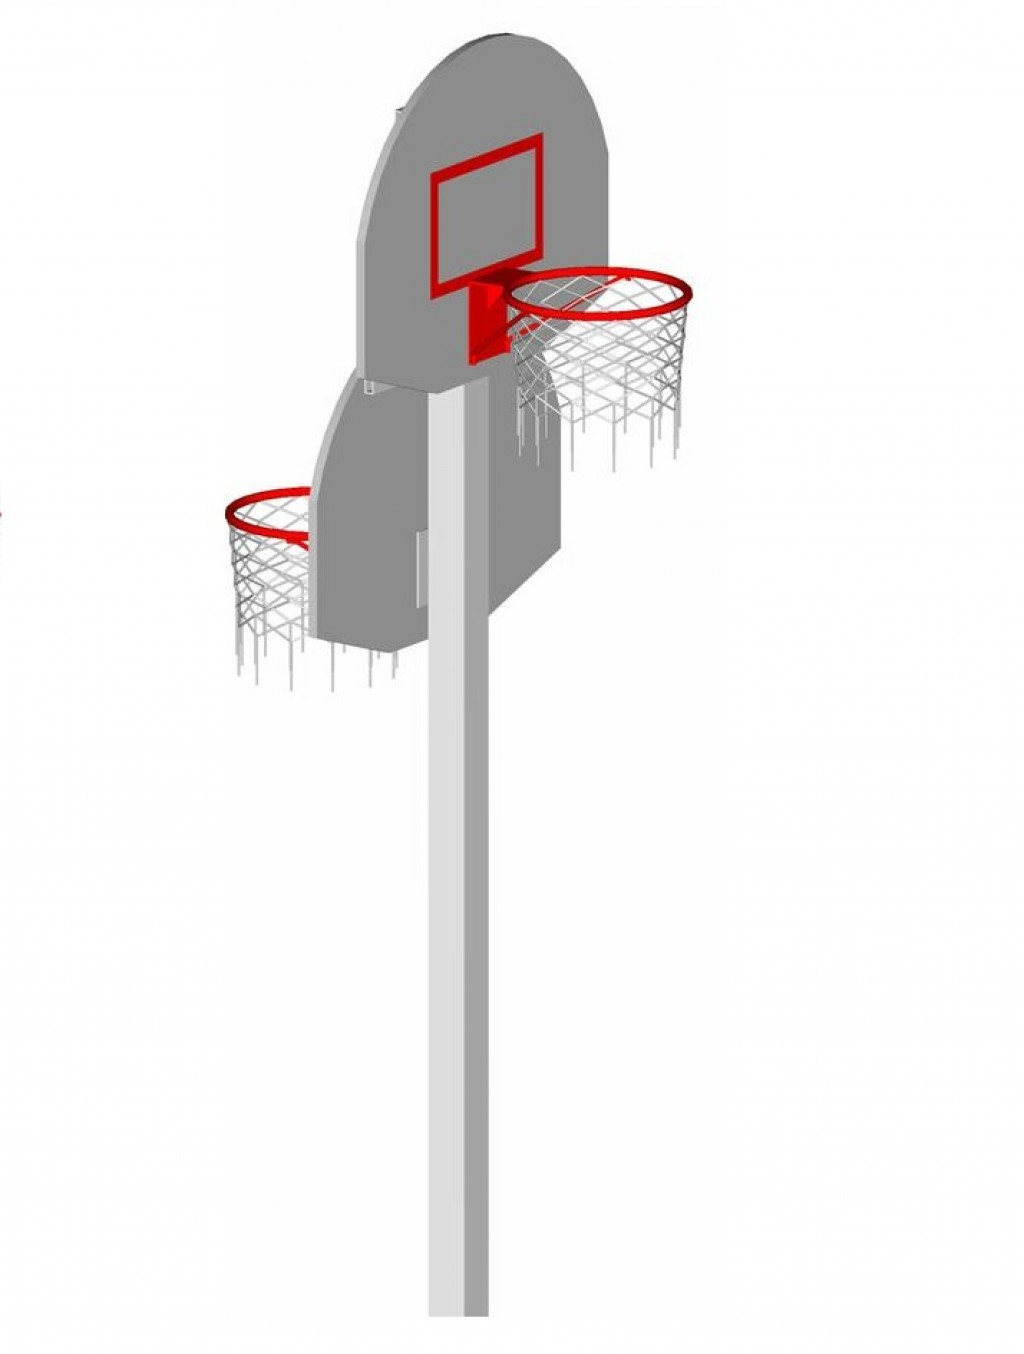 Стойка под баскетбольное кольцо своими руками 21